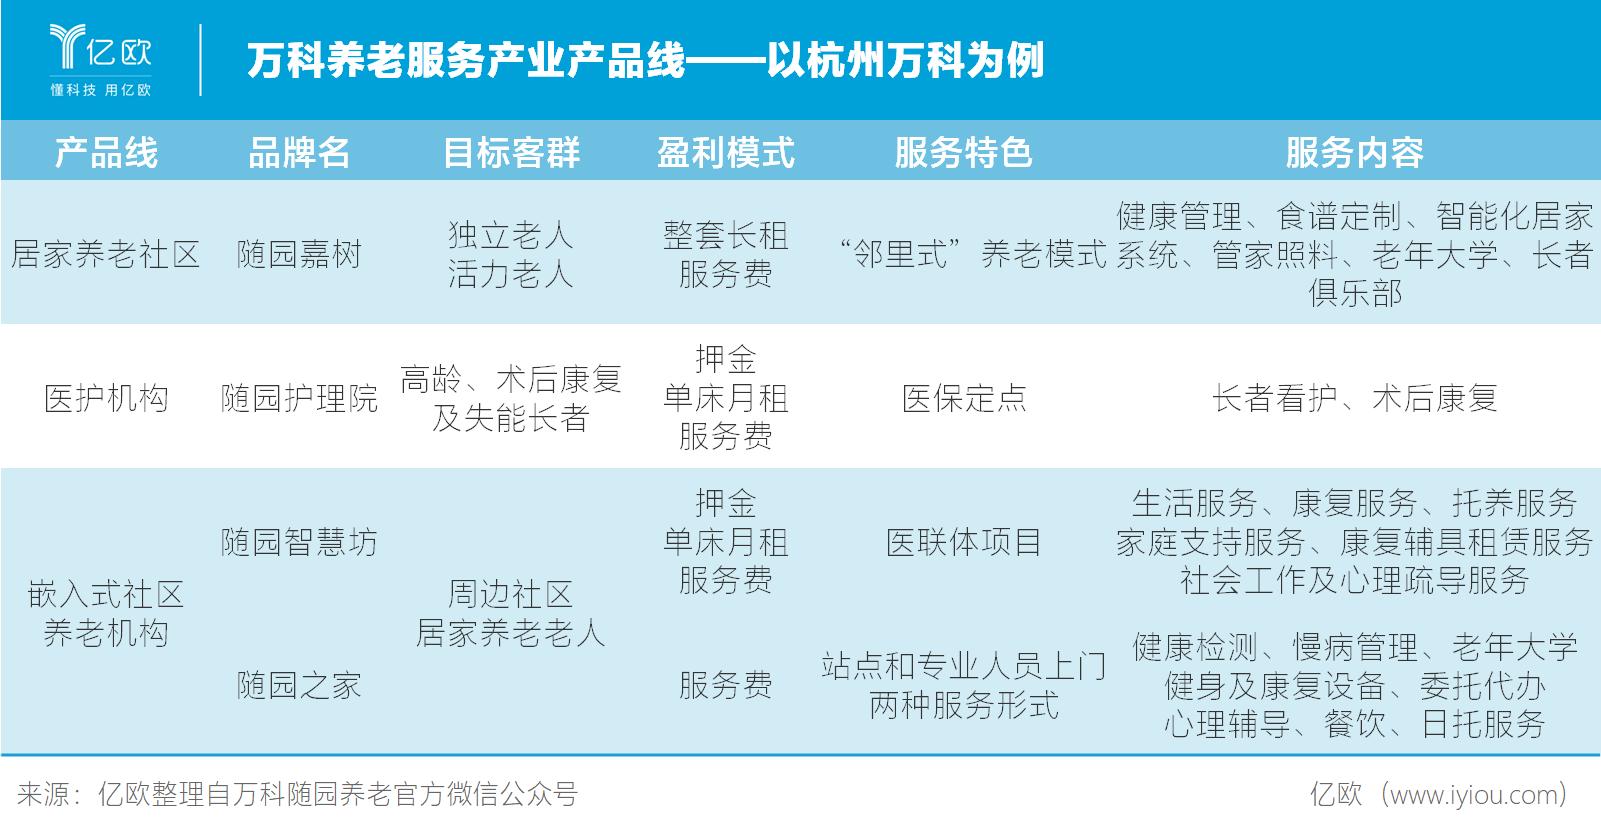 万科养老服务产业产品线——以杭州万科为例.png